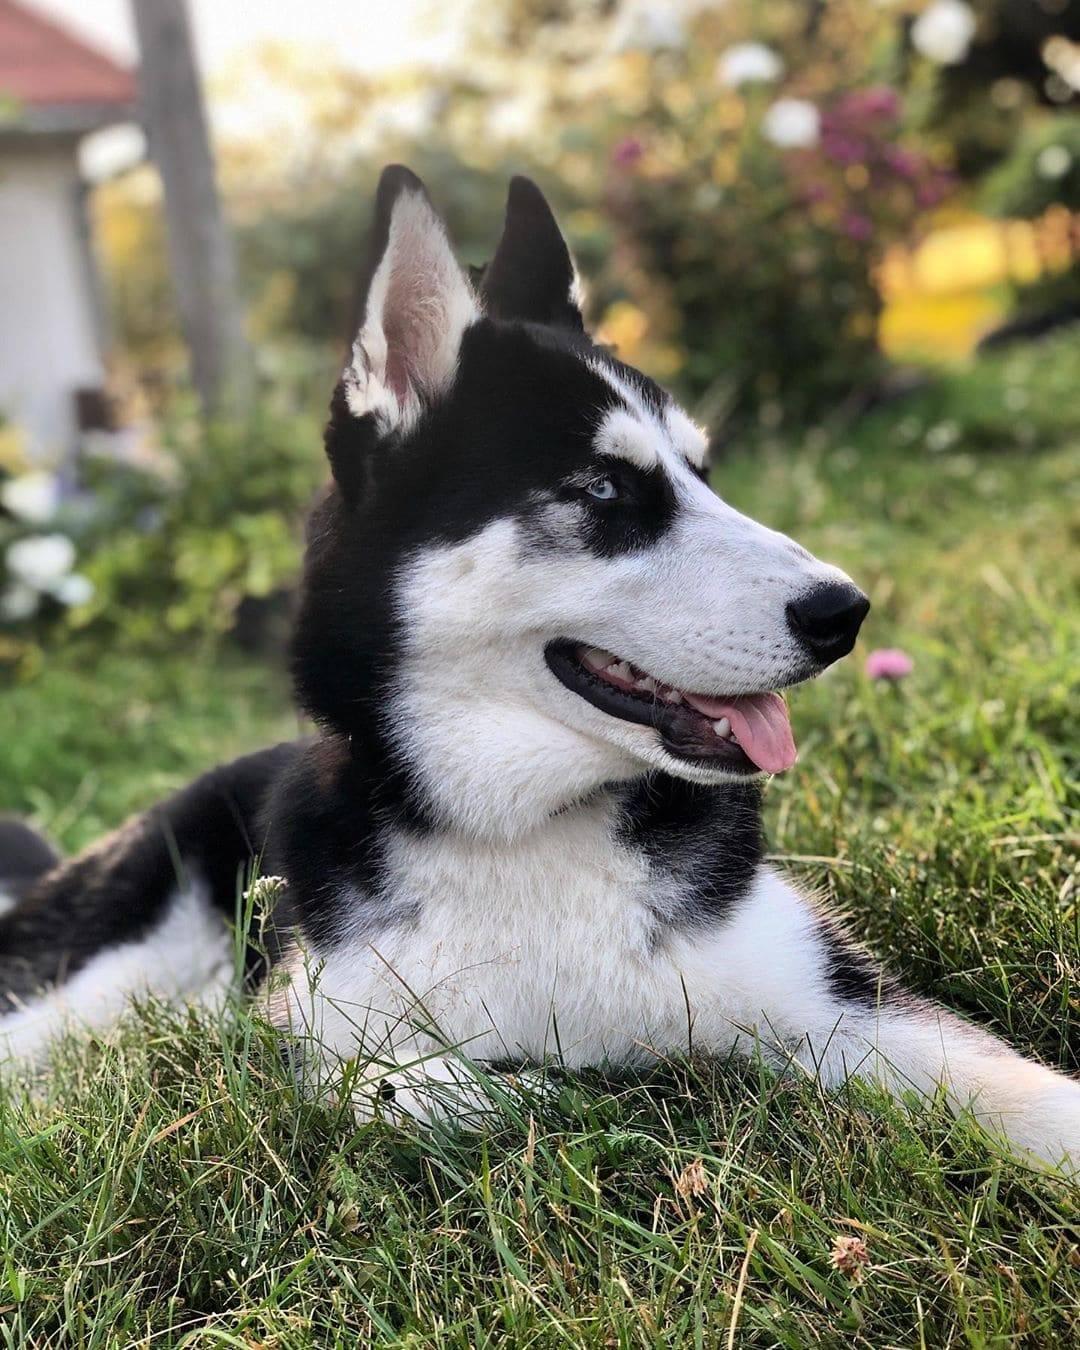 Хаски: фото взрослых собак и щенков, основные окрасы, отличия мальчика от девочки и как выглядит подстриженный питомец